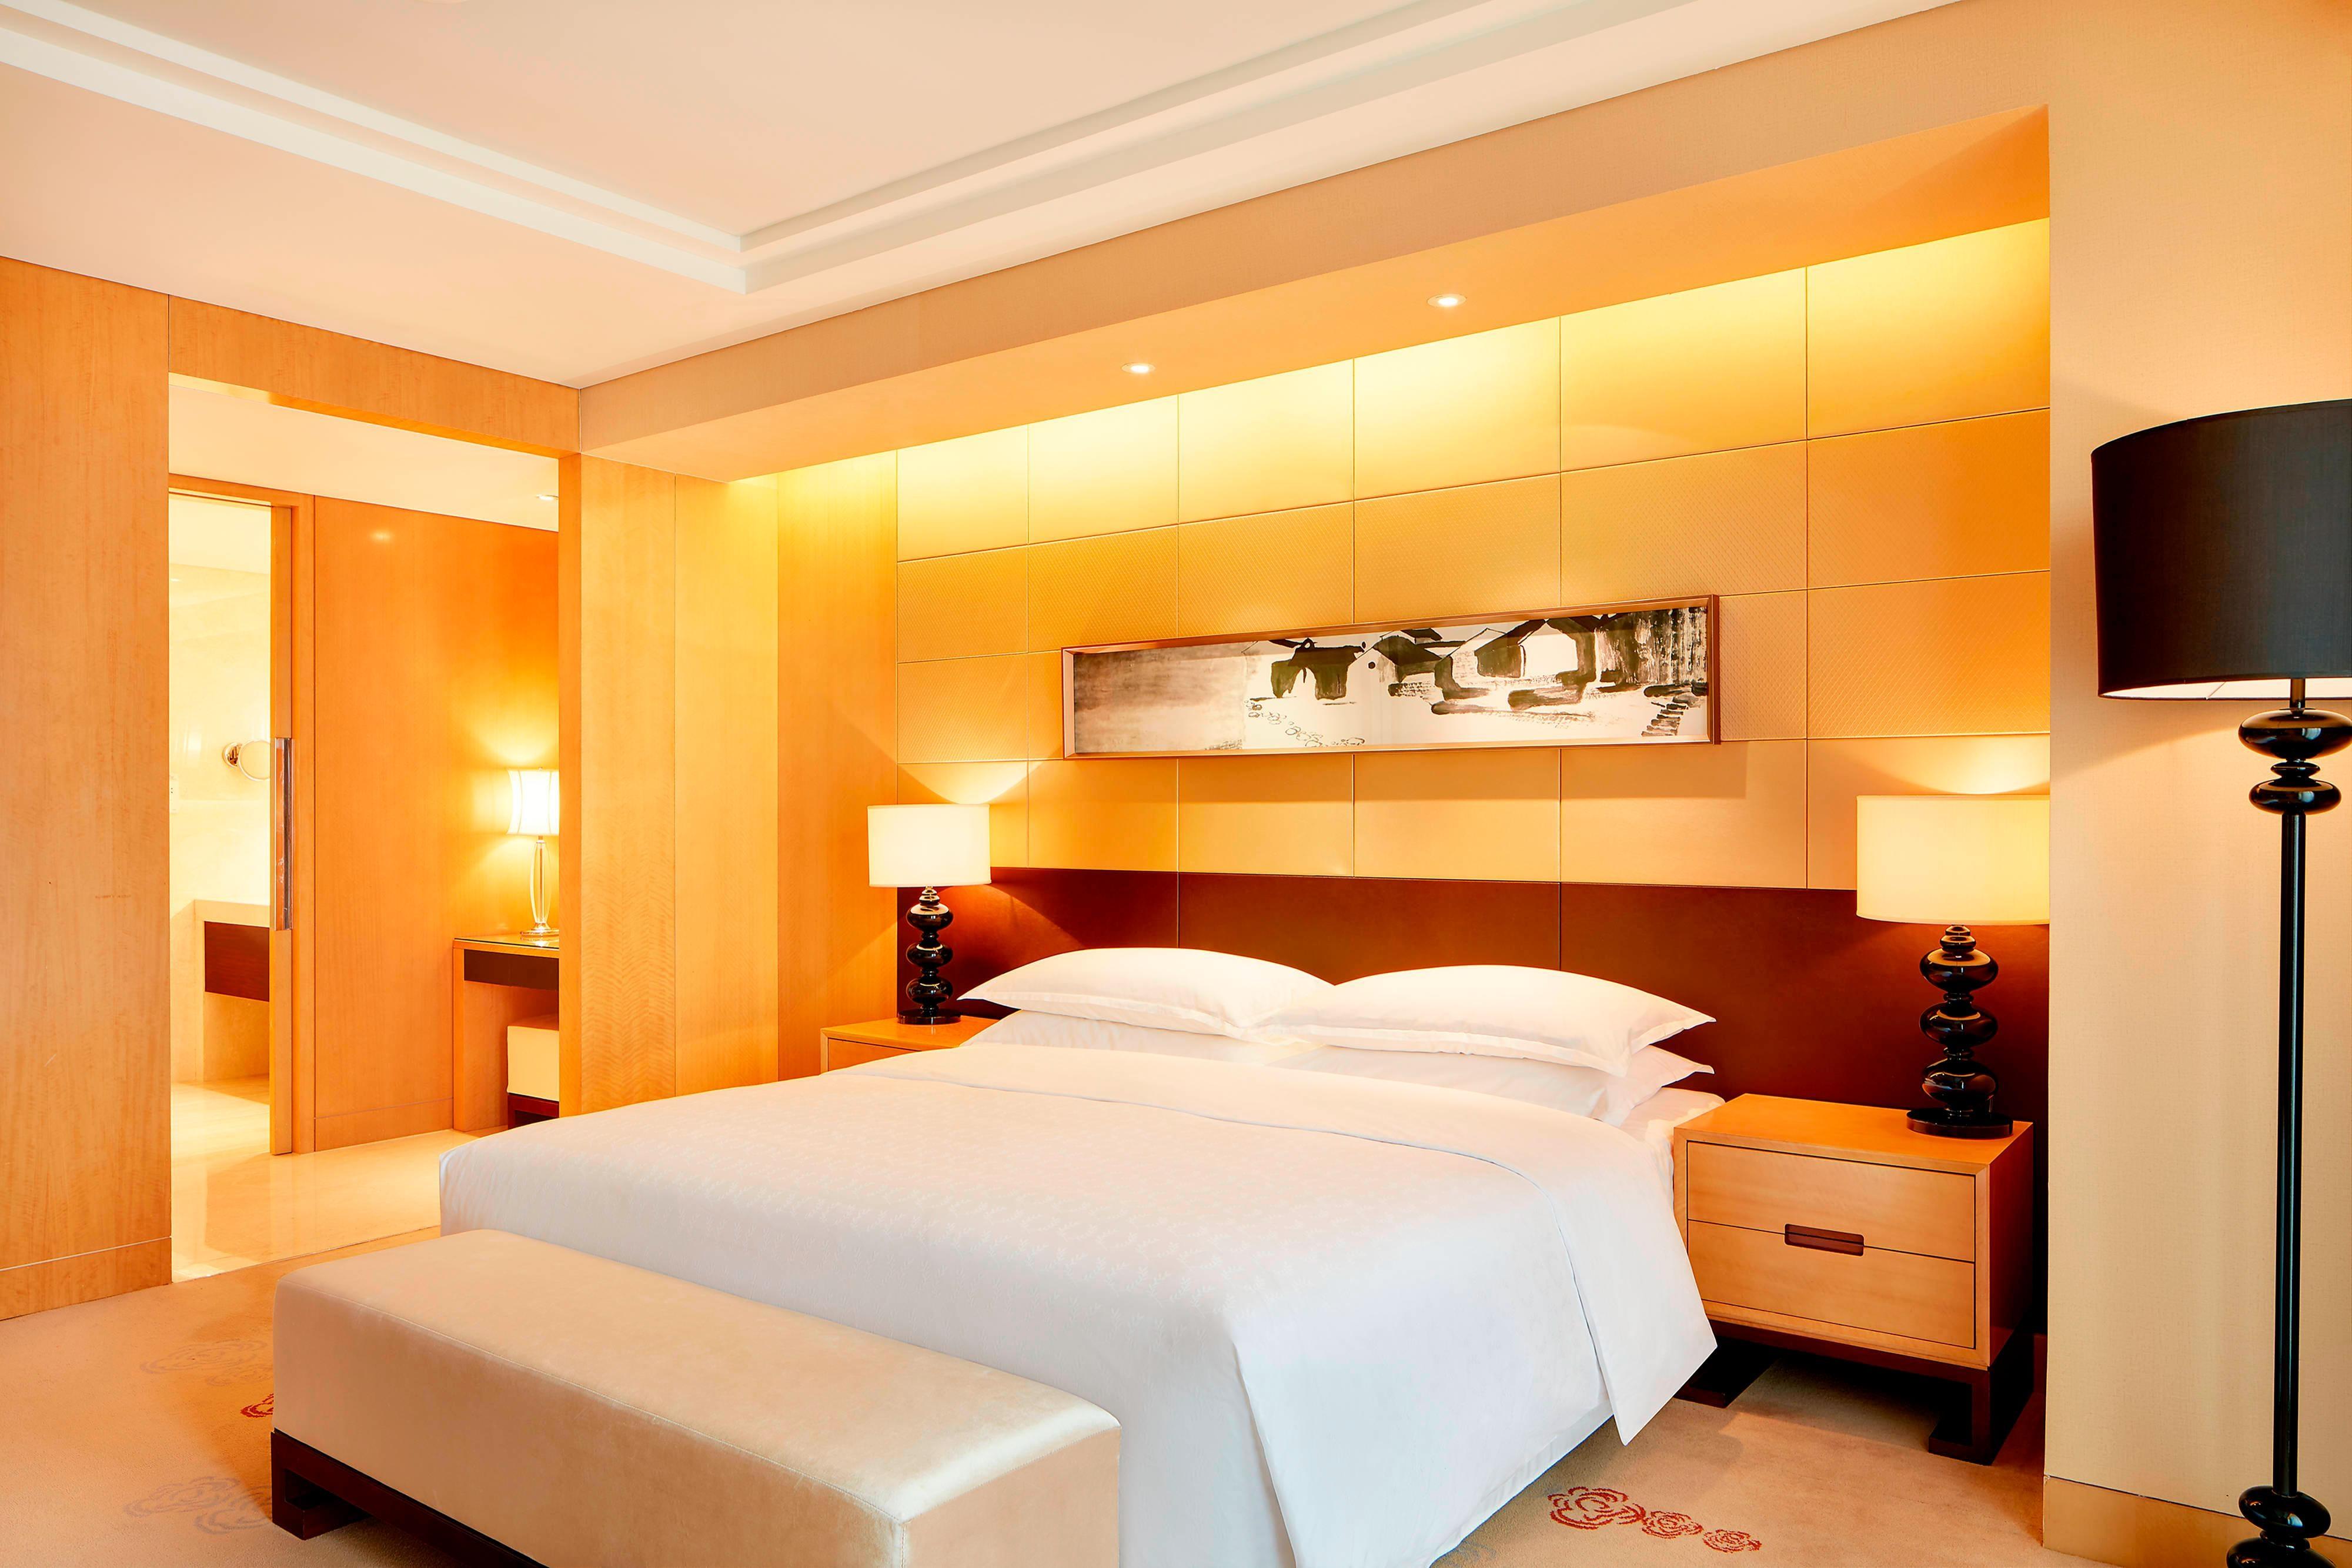 Chambre d'une suite de luxe